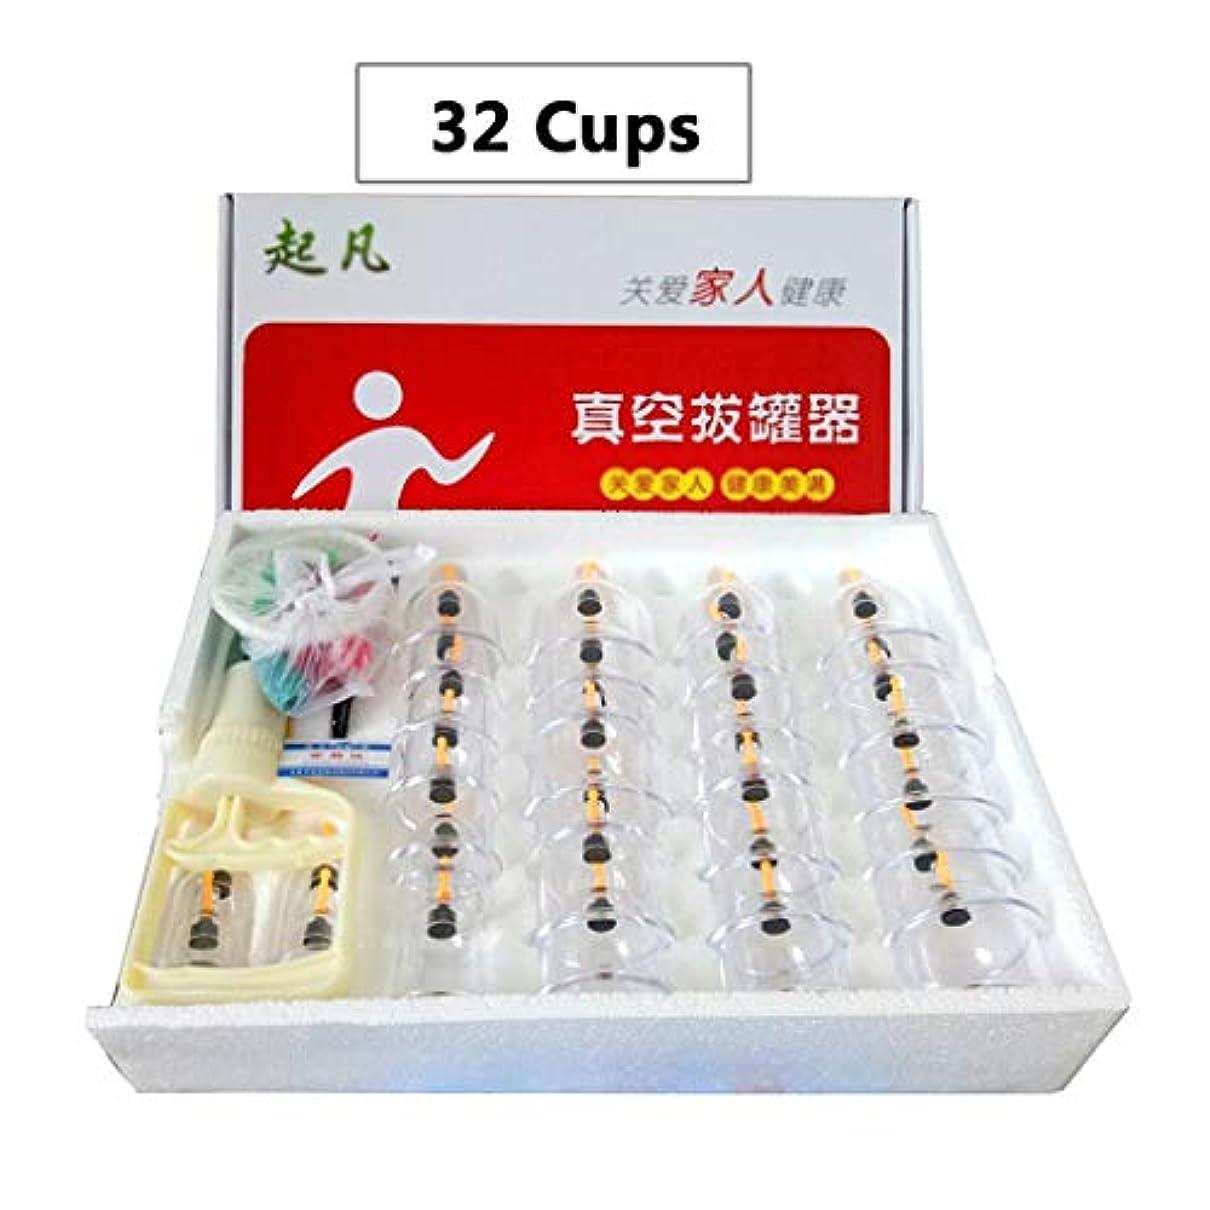 ある北方こどもの日カッピングセットホーム - 吸引カッピング療法、32カップ、真空カッピング、中国のカッピングセット、防爆簡単クリーニング、カッピング療法カップ (色 : 32 Cups)